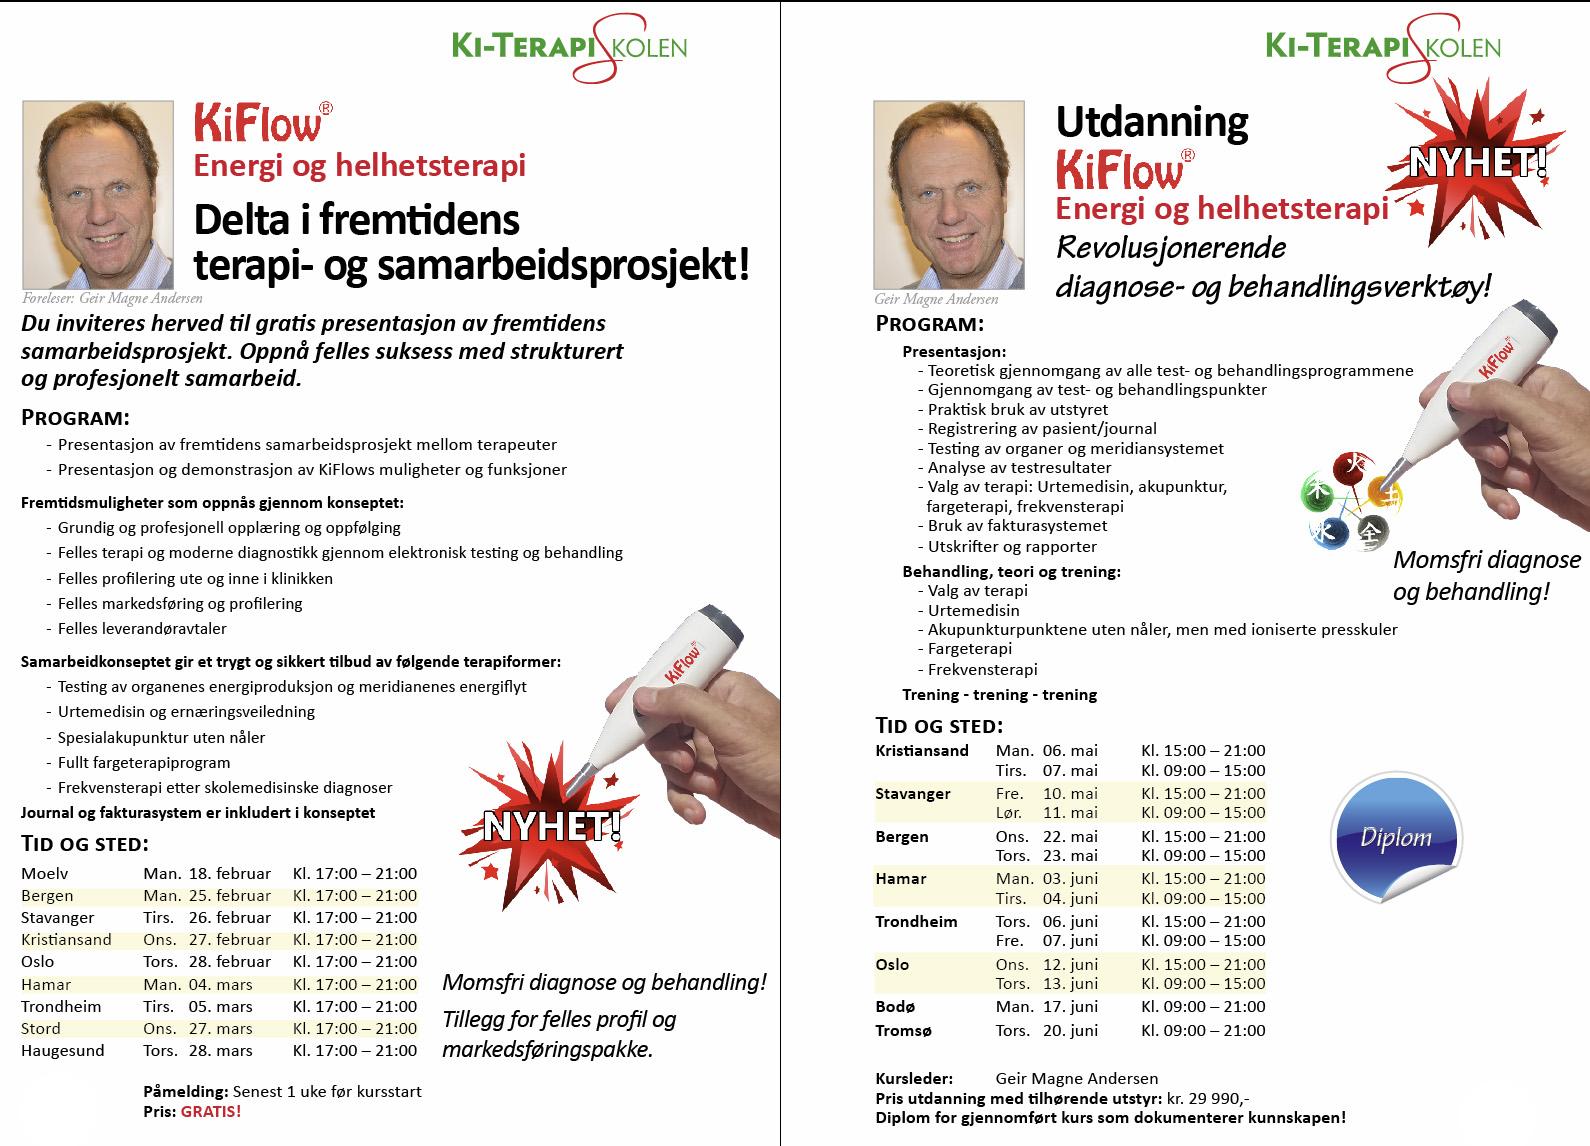 KiFlow presentasjon og utdanning